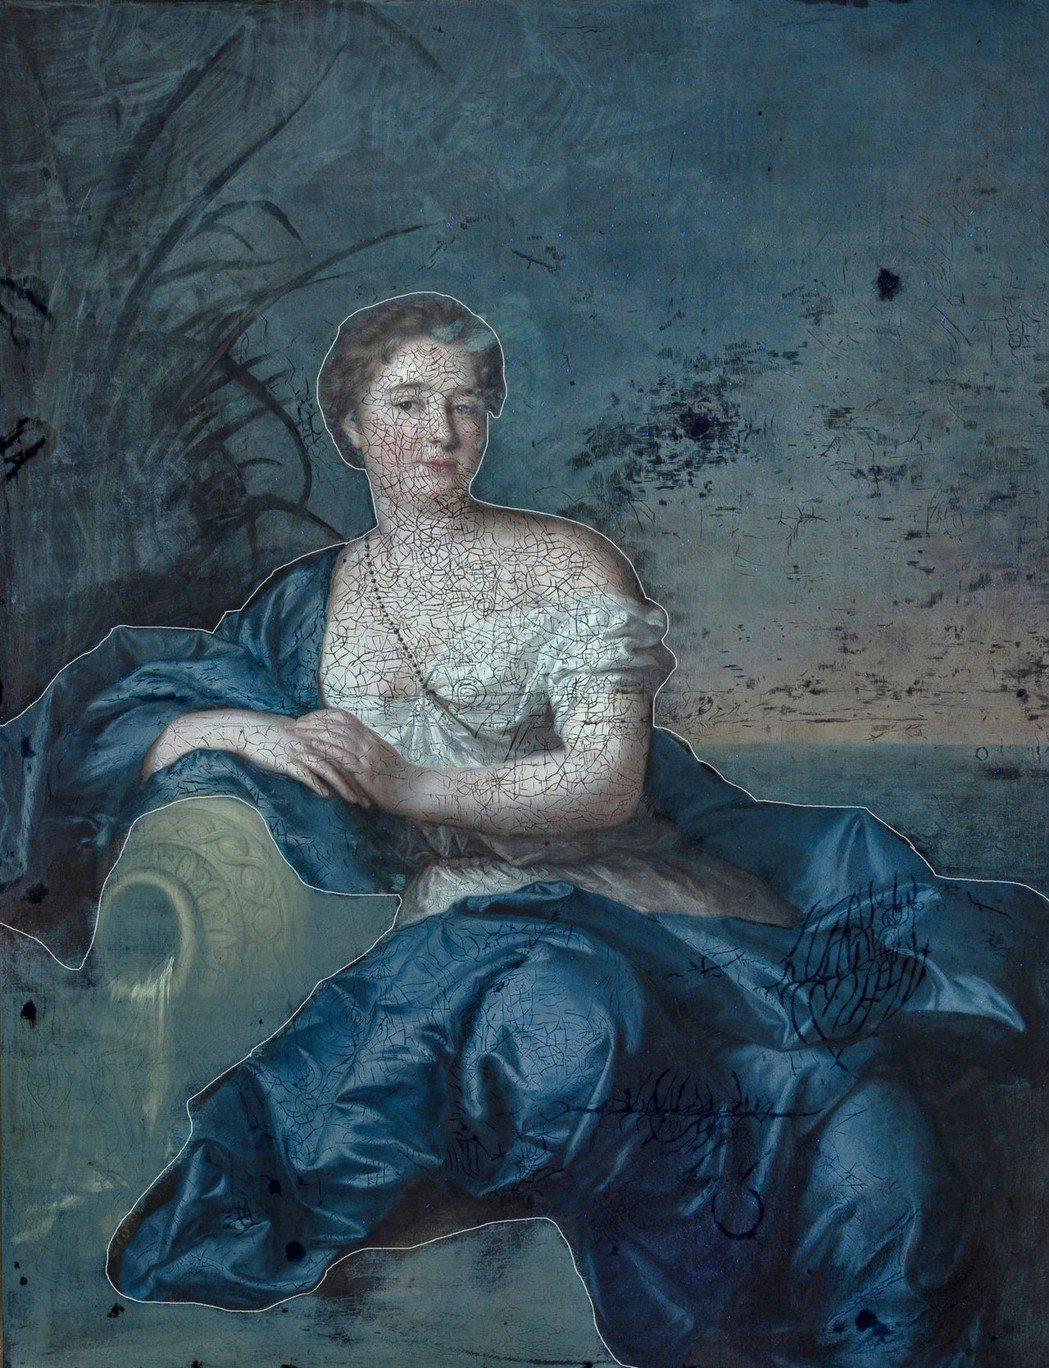 〈女子肖像〉經檢測發現人物及其衣袍上的凡尼斯曾被清洗過。  奇美館/提供